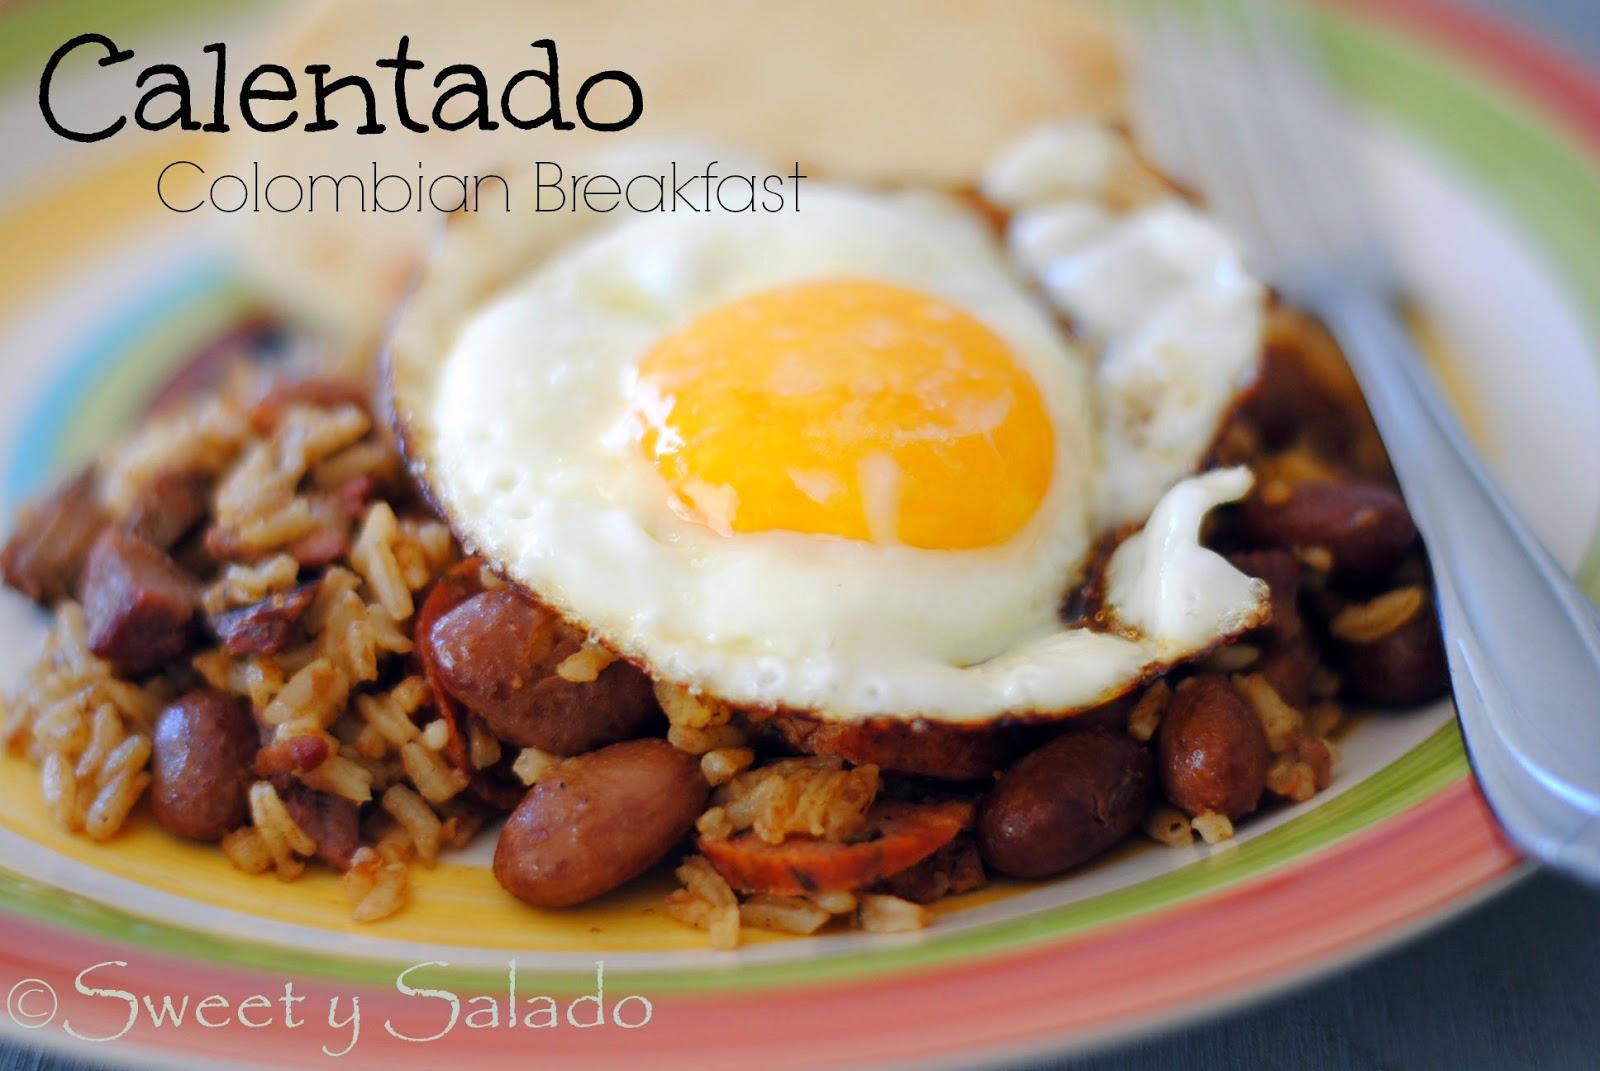 sweet y salado calentado colombian breakfast